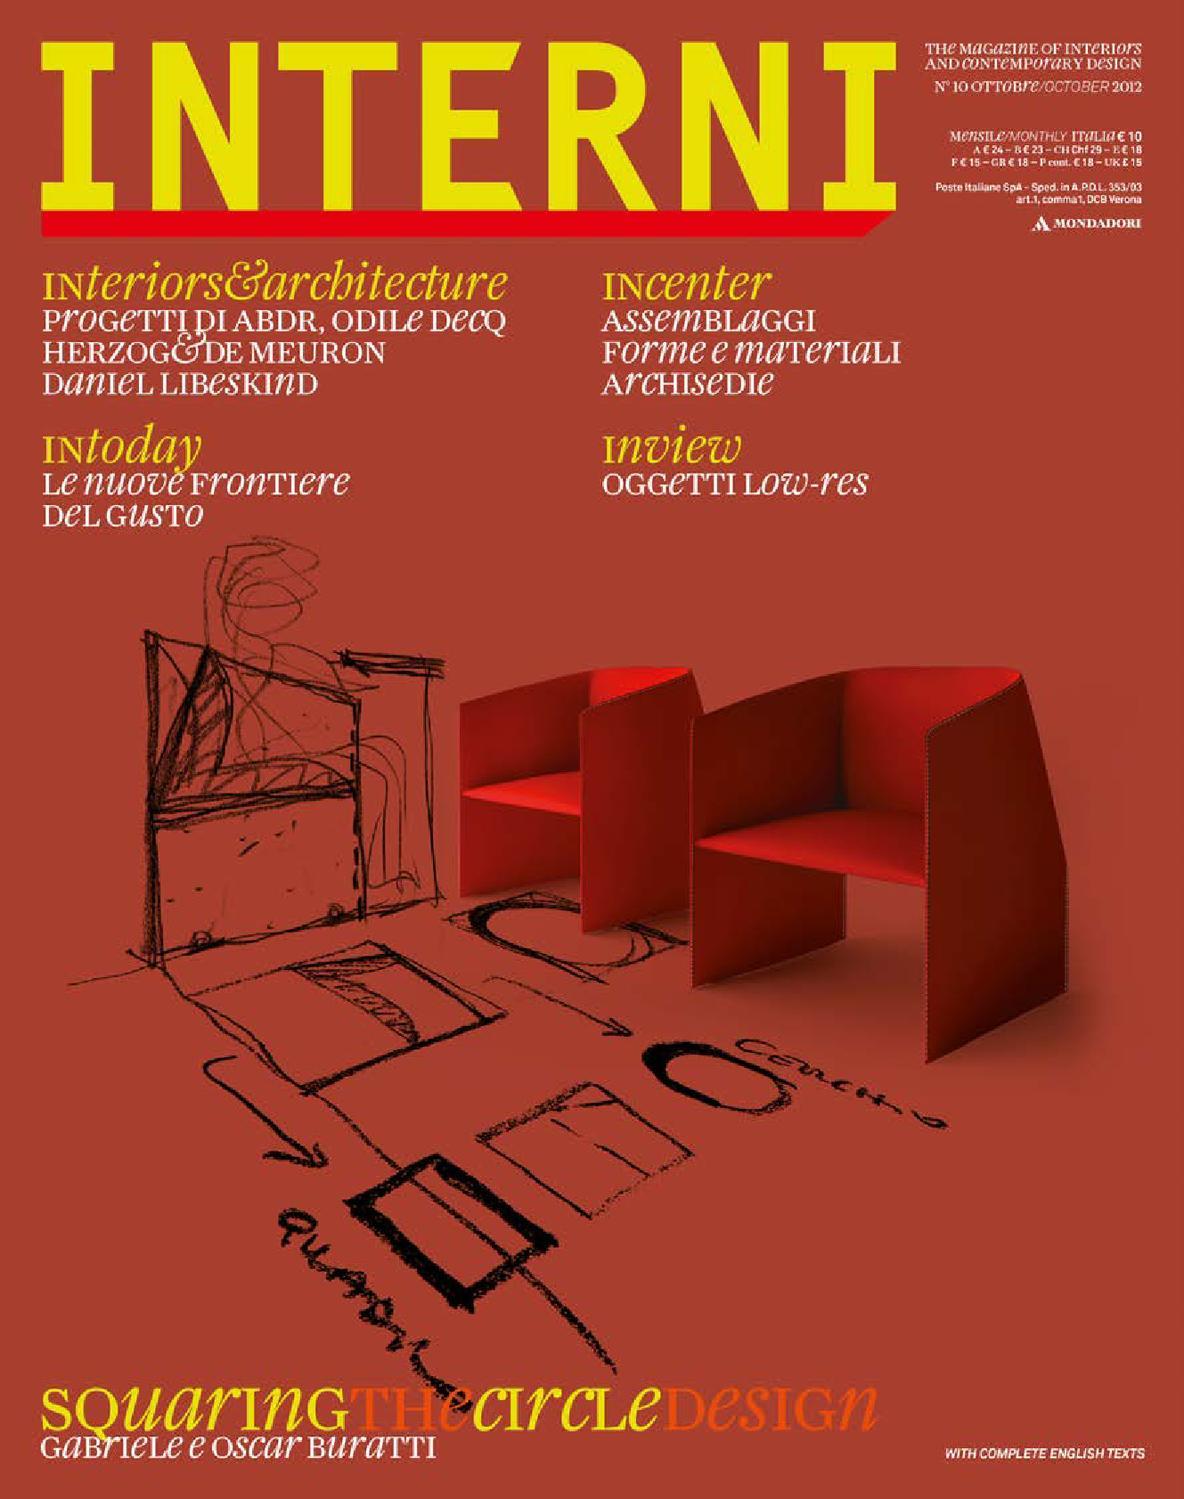 Spazio Casa Azzano X interni magazine 625 by interni magazine - issuu